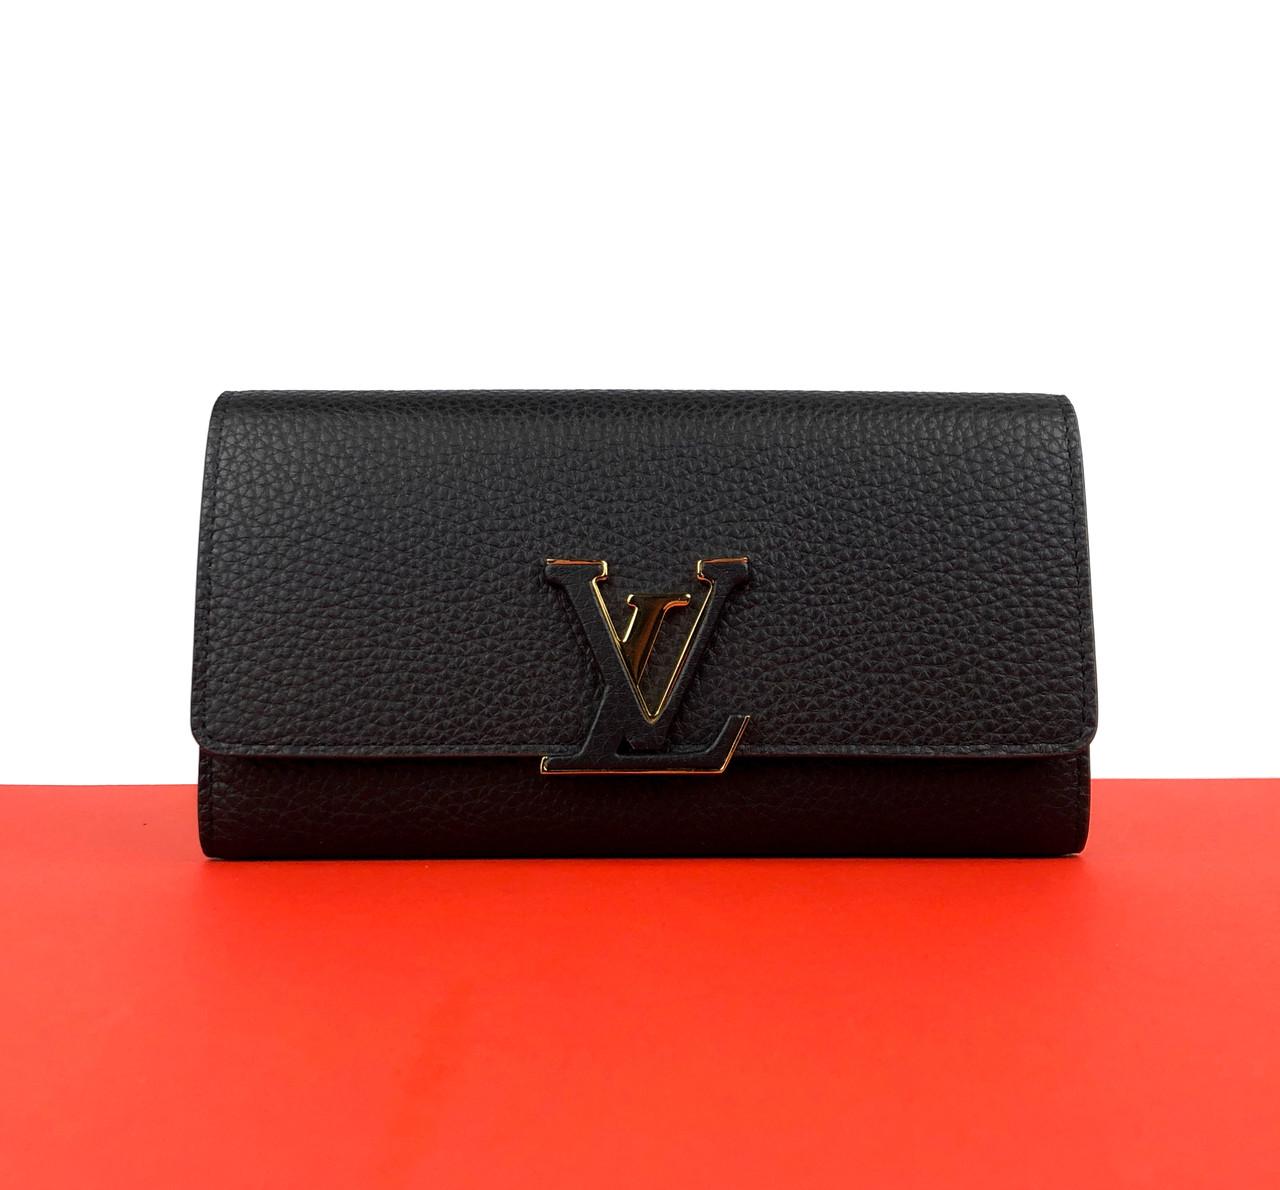 Кошелек Louis Vuitton CAPUCINES (Луи Виттон) арт. 22-11